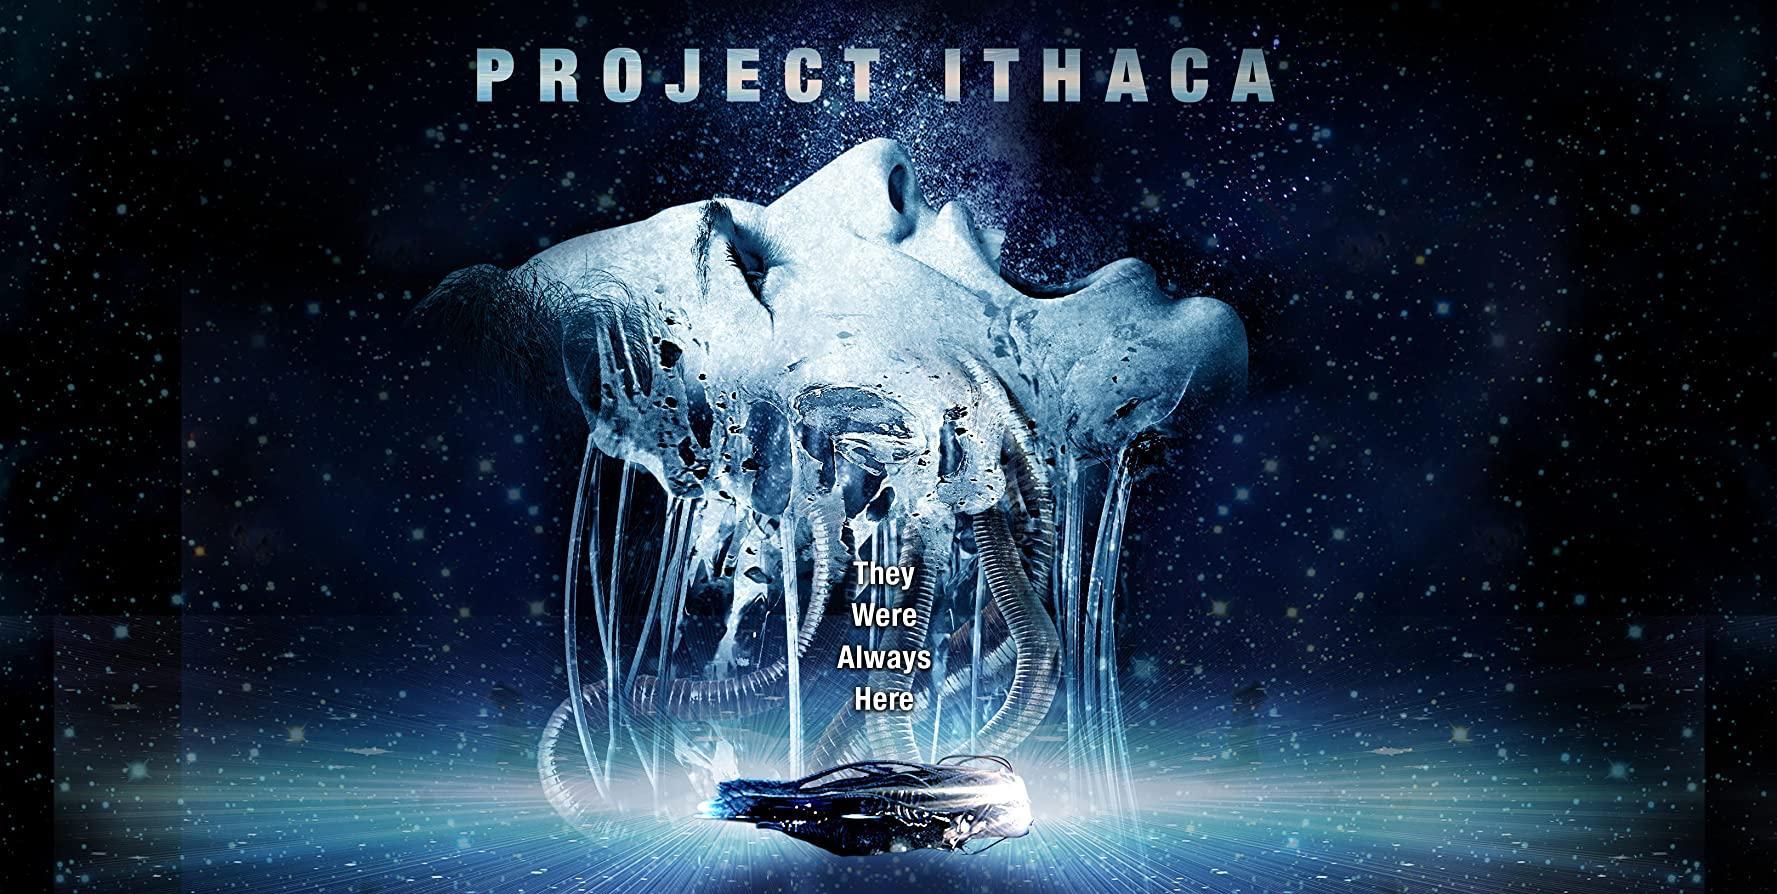 مشاهدة فيلم Project Ithaca (2019) مترجم HD اون لاين